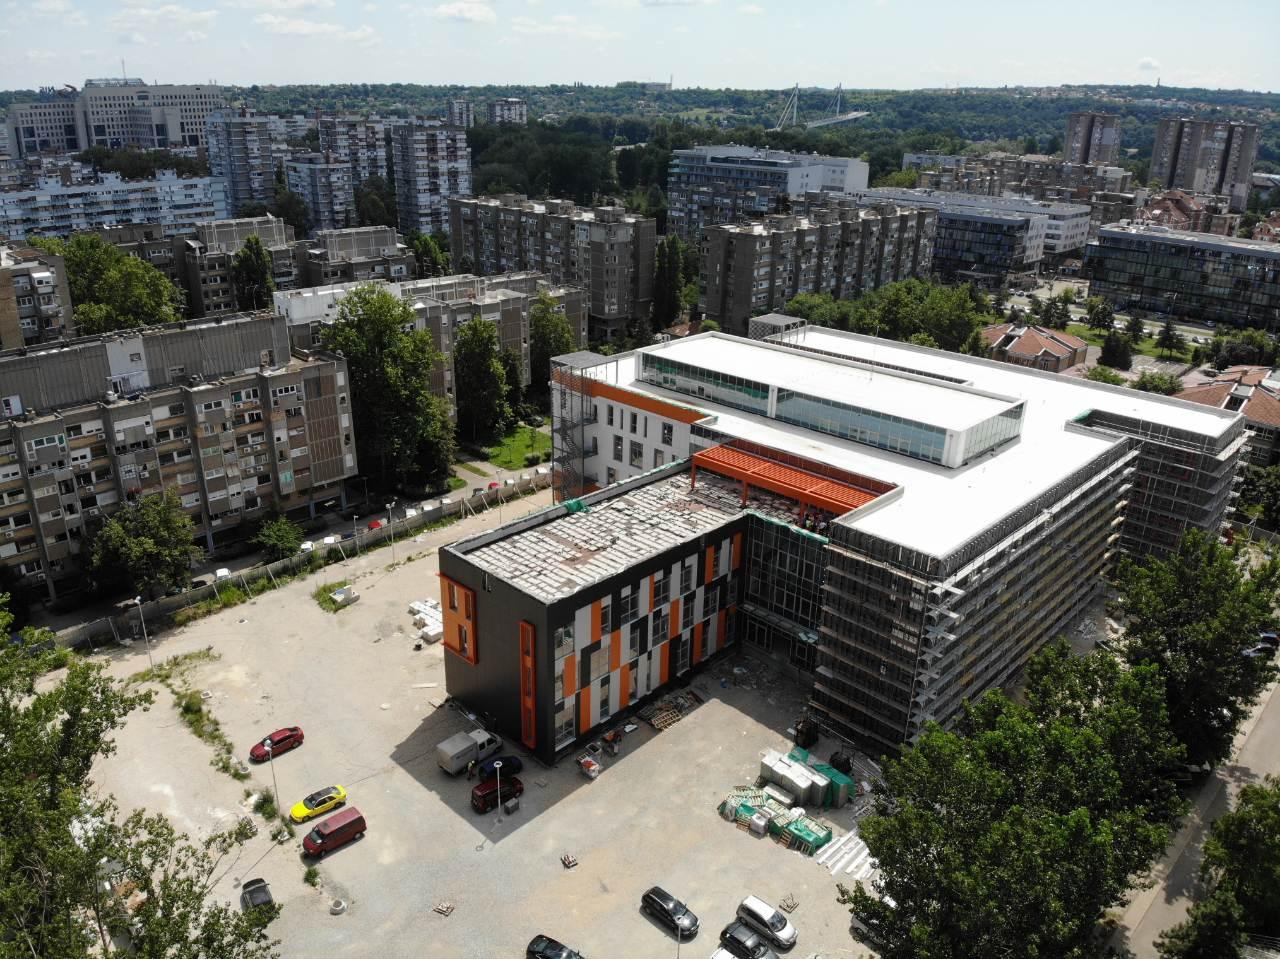 Обишли смо радове на изградњи балетско музичке школе /ФОТО-ДРОН/